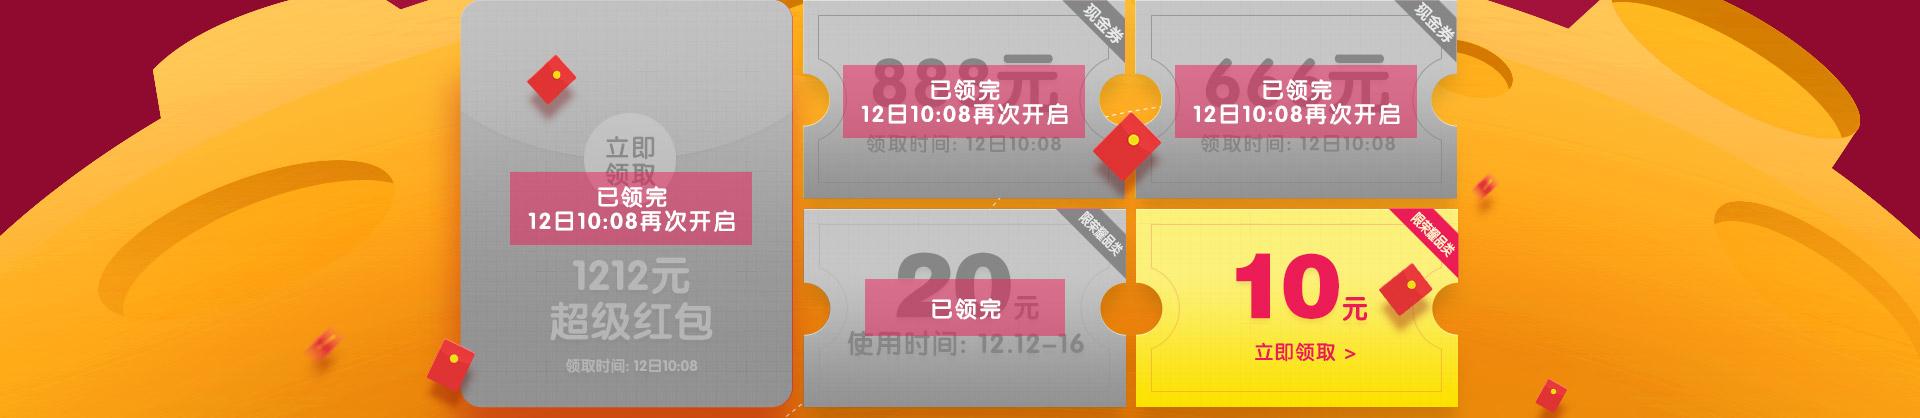 【荣耀12.12】荣耀星球耀斯卡 12.12年终盛惠-华为商城